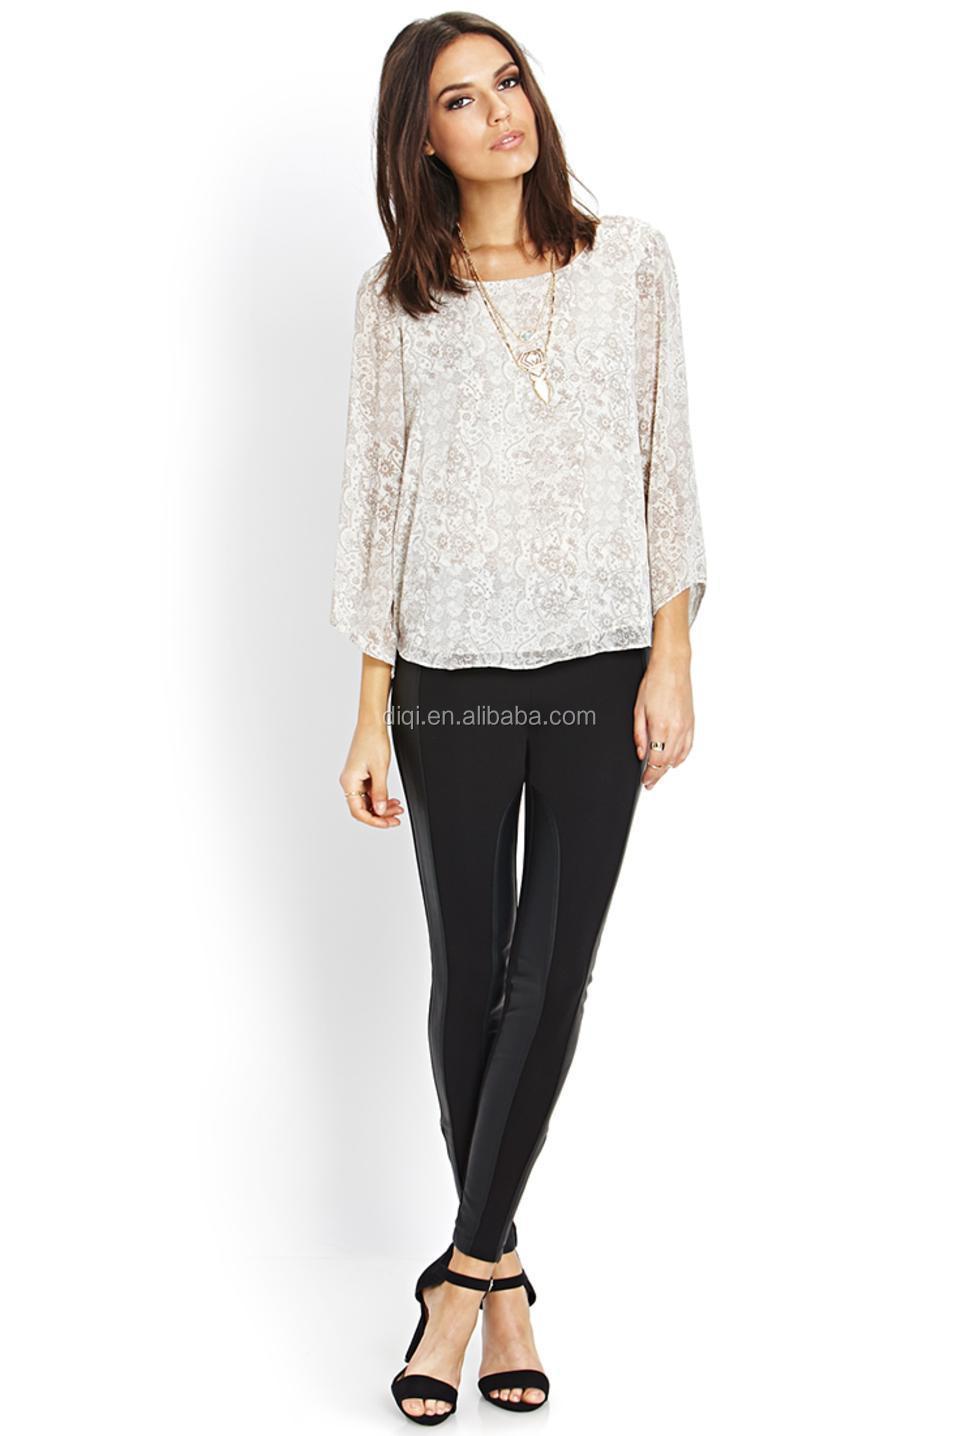 American Plus Size 2015 Summer Style Women Chiffon Blouse Shirt ...